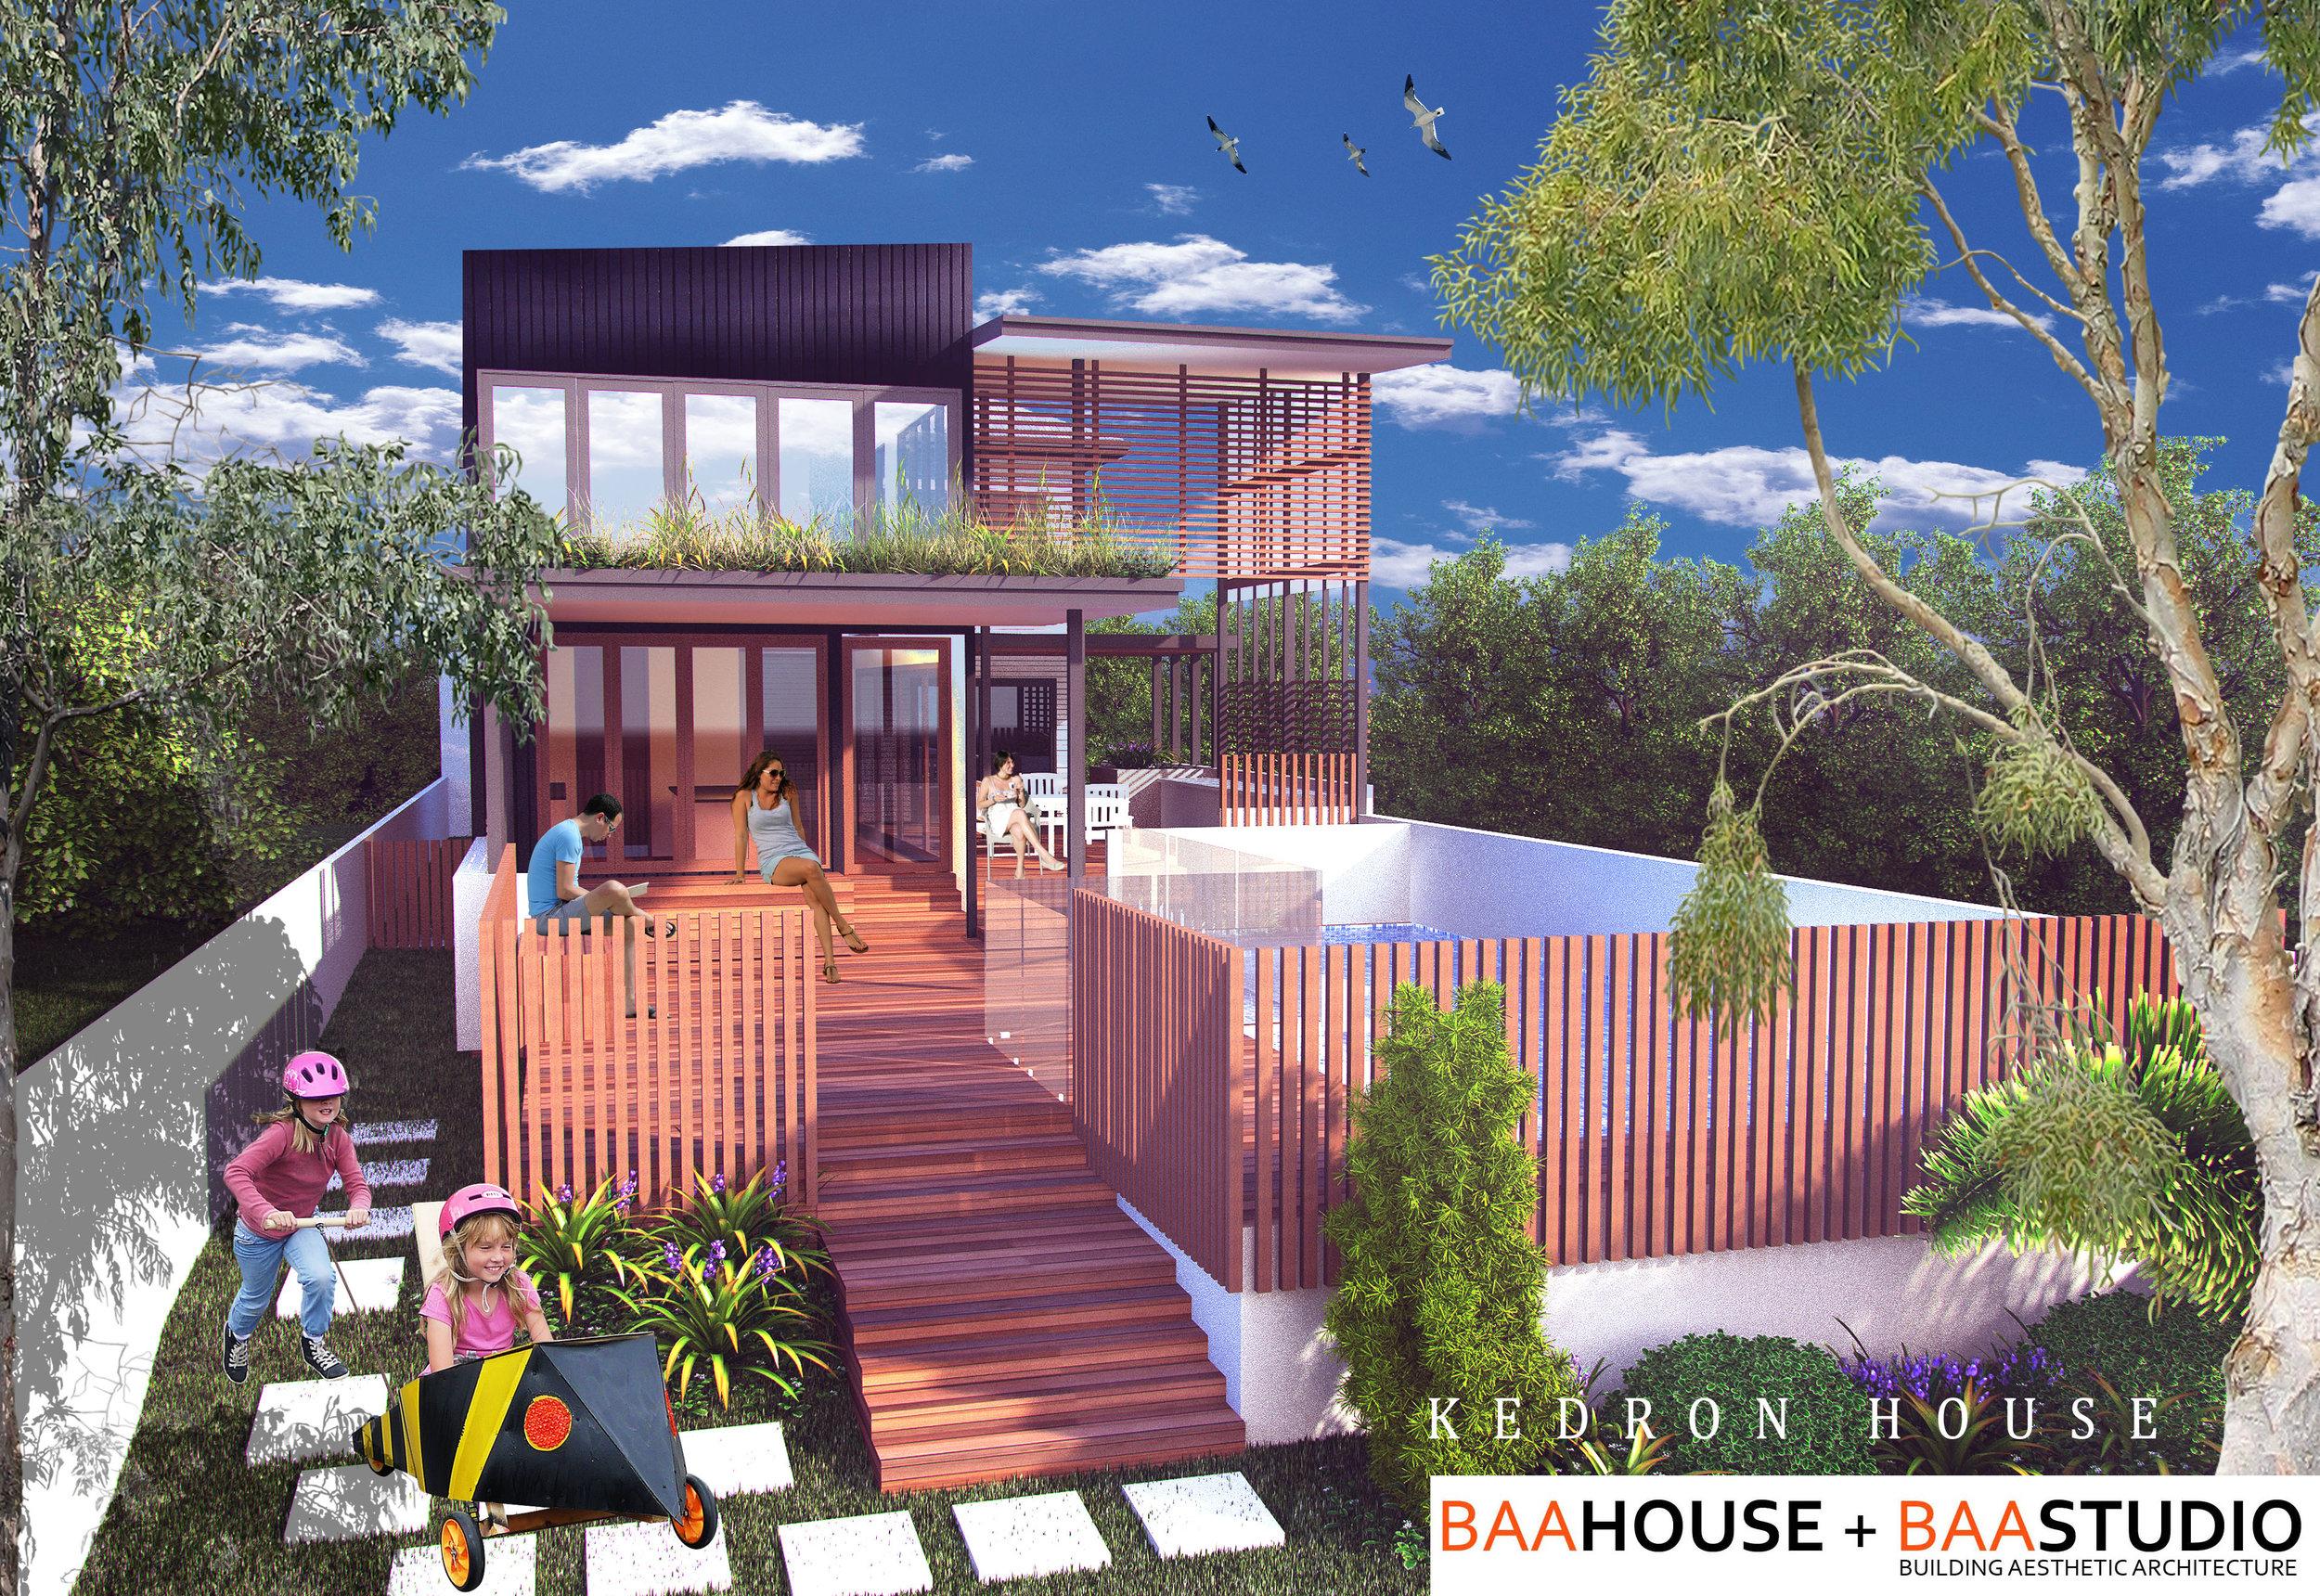 KEDRON SMALL HOUSE